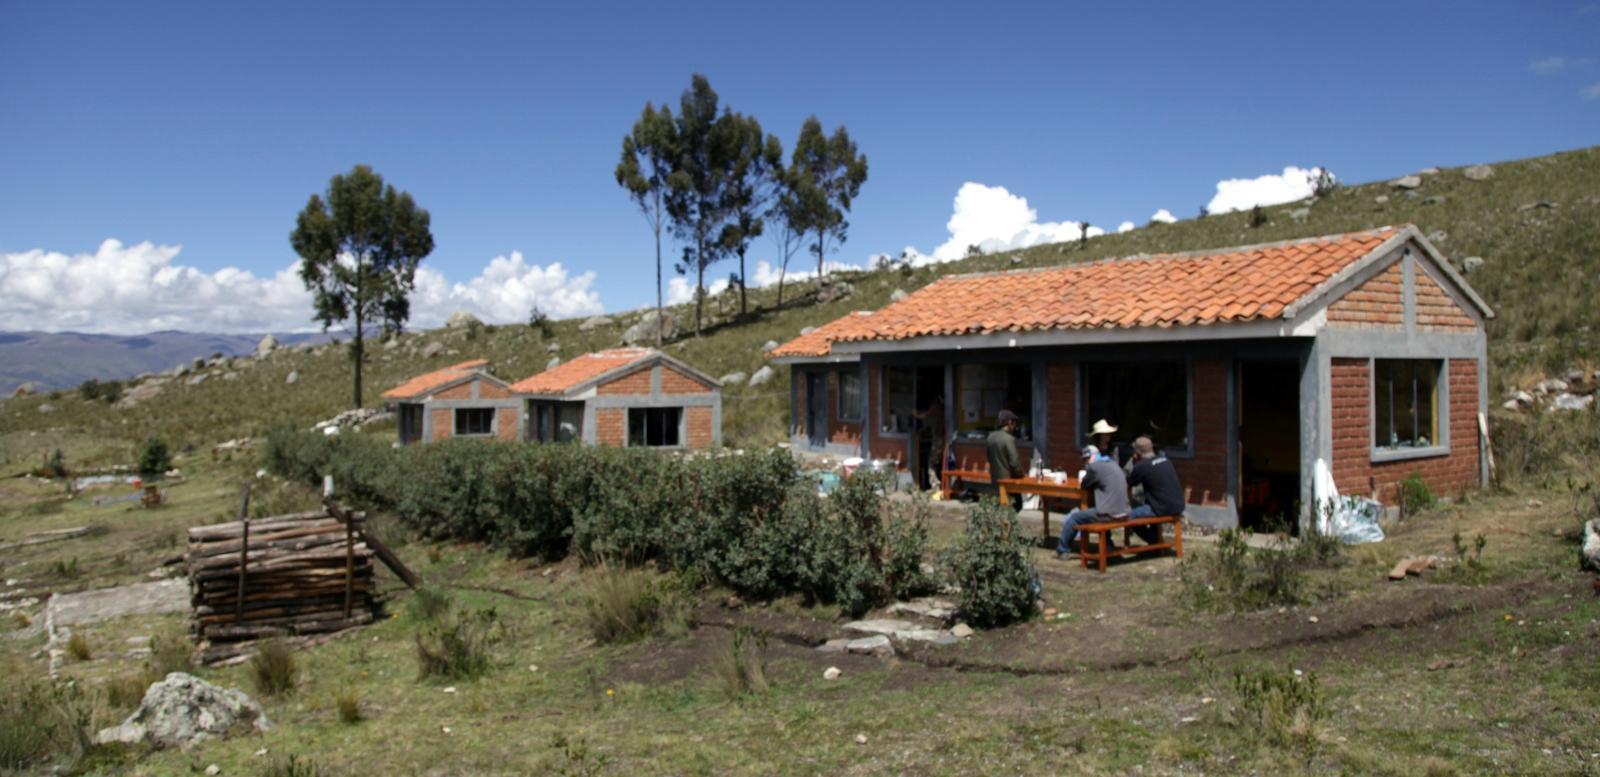 The Hof Hostel